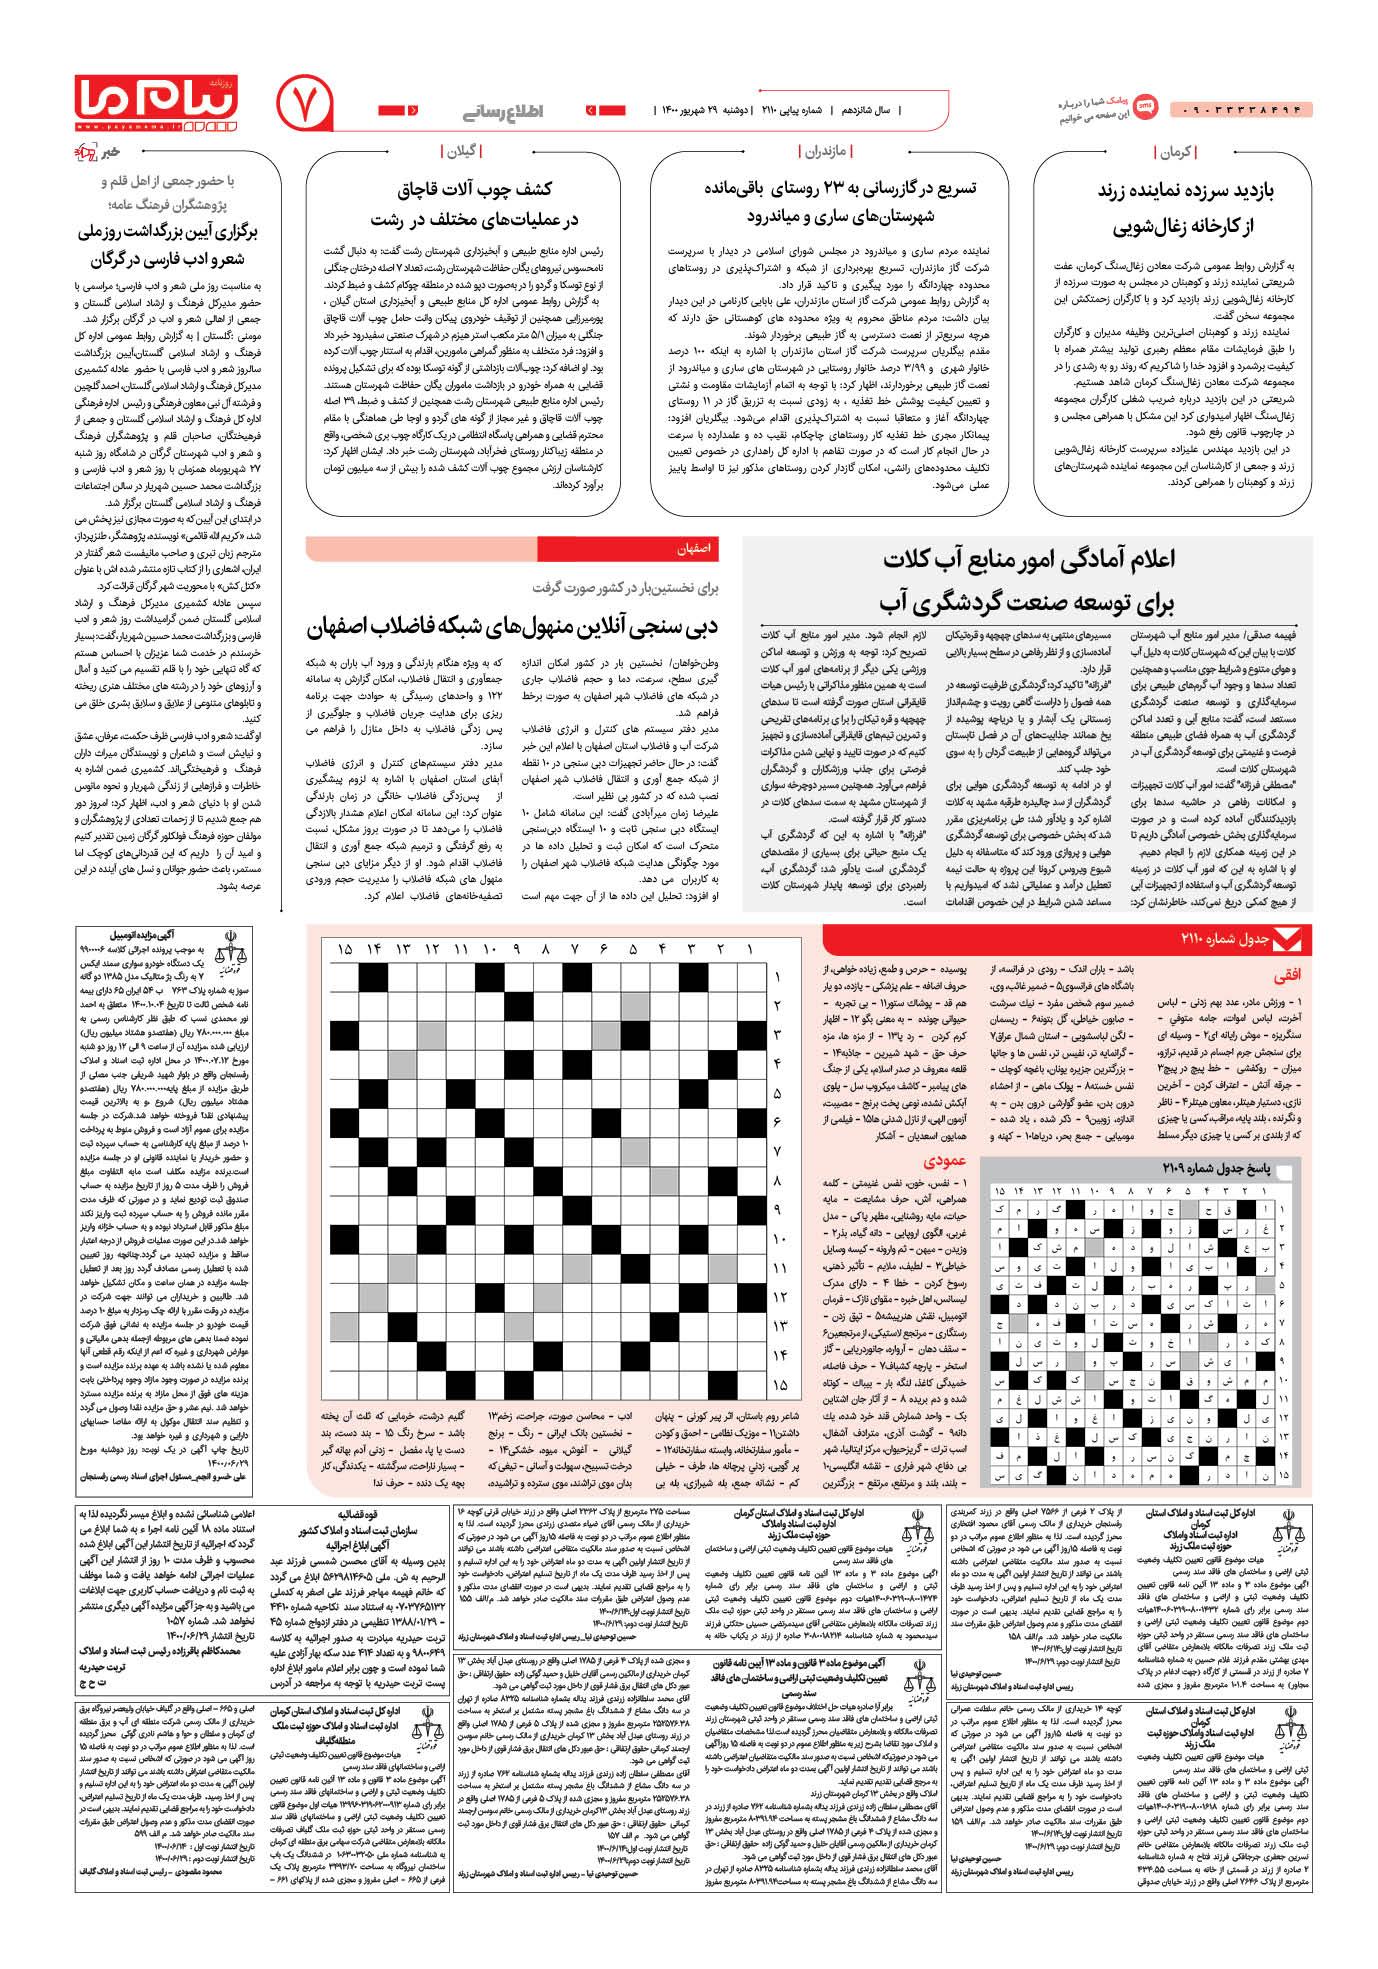 صفحه اطلاع رسانی شماره 2110 روزنامه پیام ما